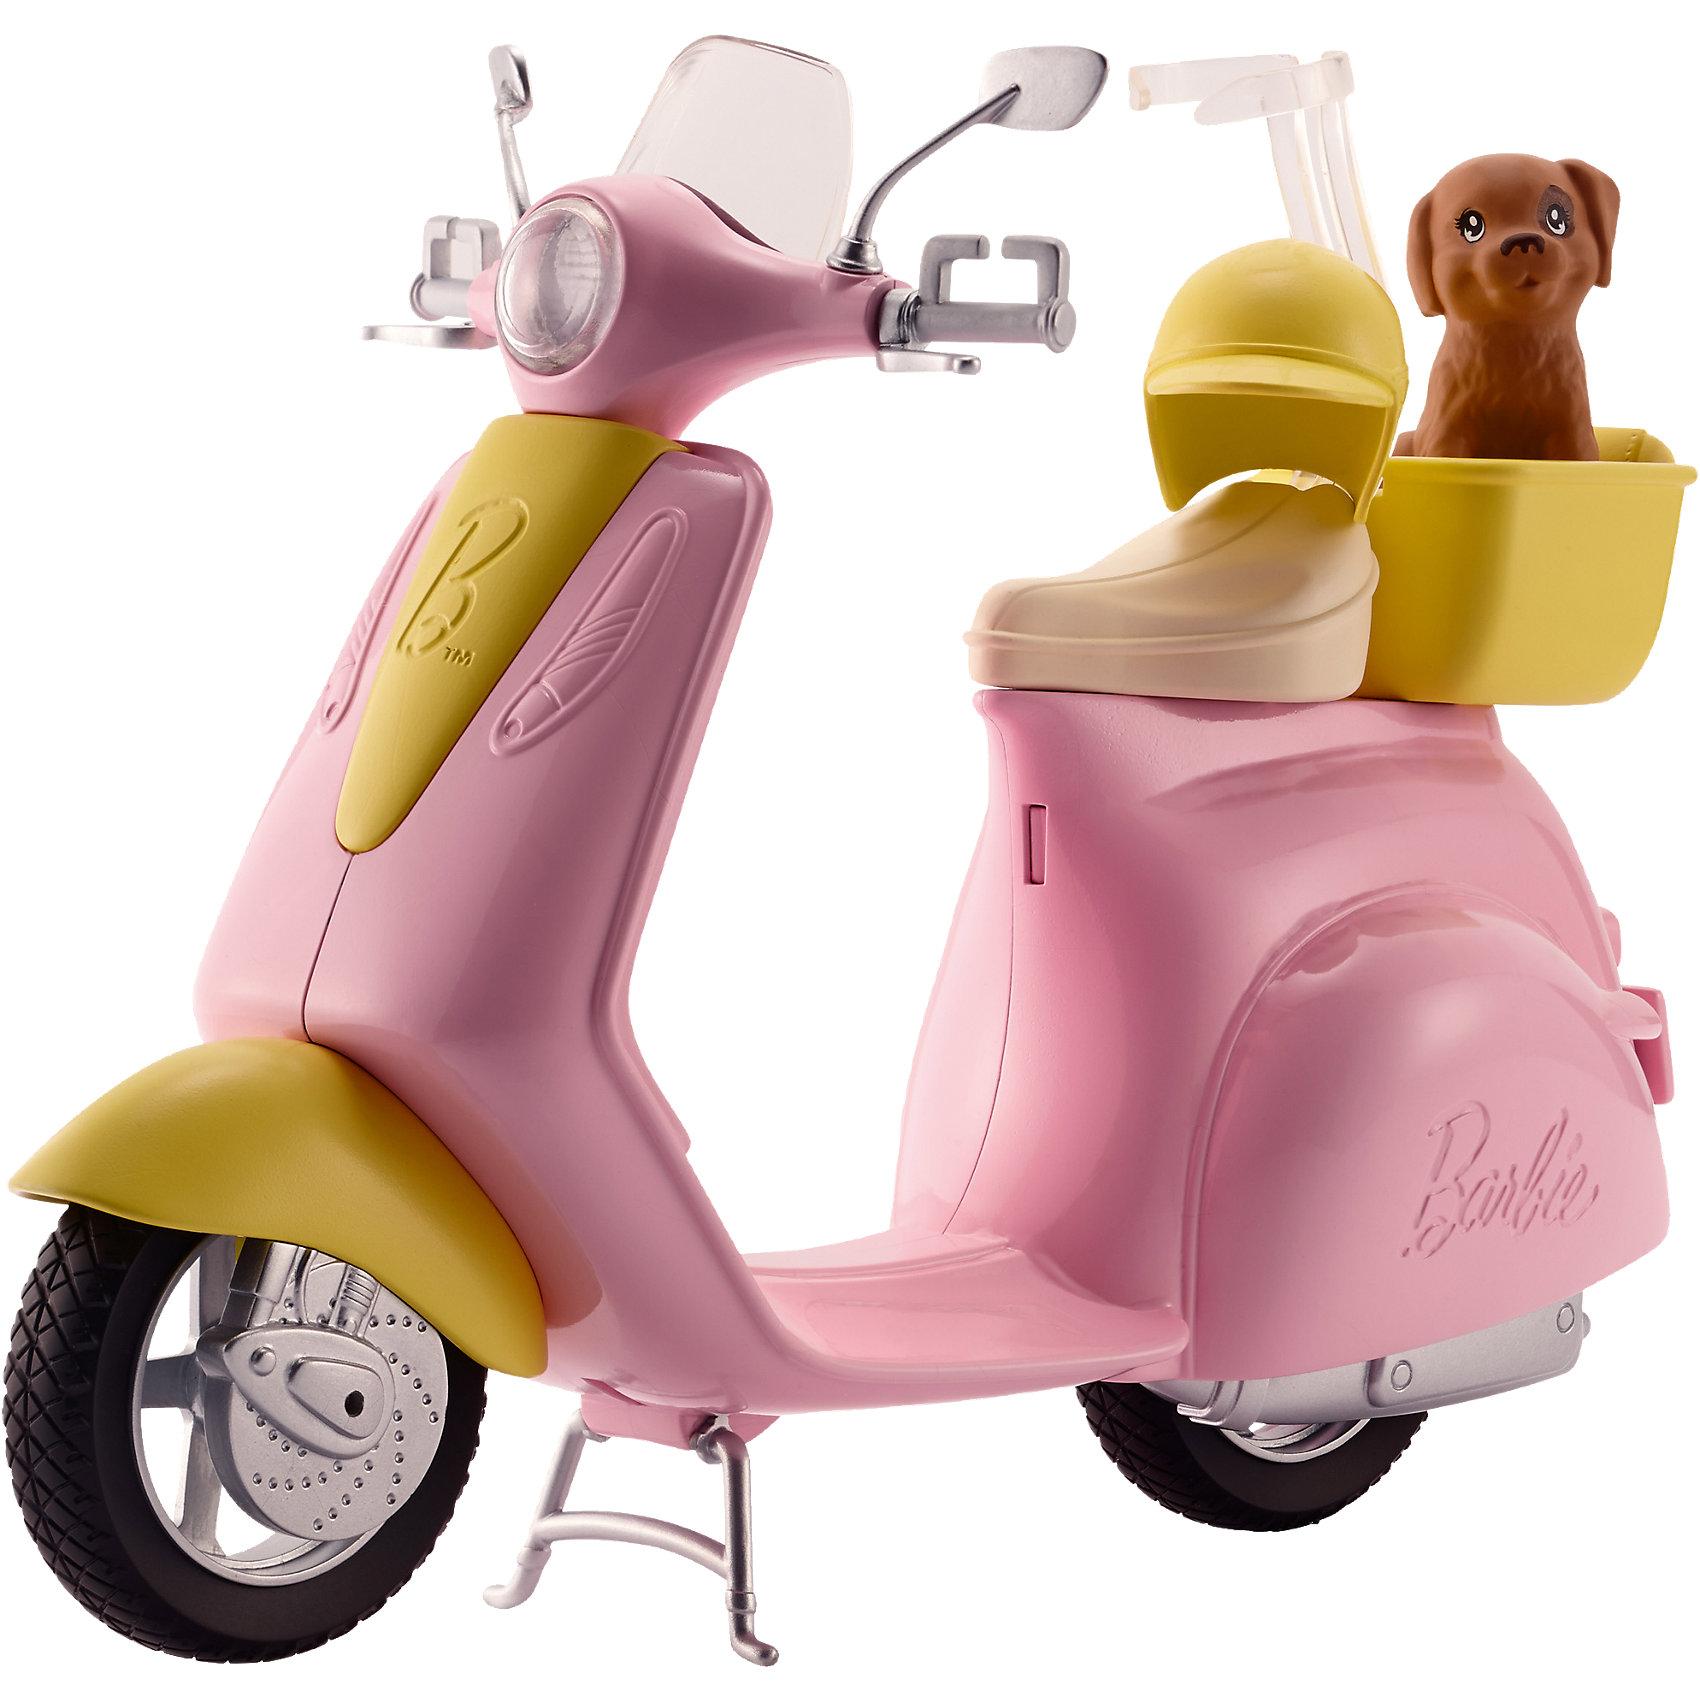 Мопед, BarbieМопед, Barbie (Барби)<br><br>Характеристики:<br><br>• ножка опора поднимается перед увлекательной поездкой<br>• специальная застежка удерживает куклу на сидении<br>• кукла в комплект не входит<br>• в комплекте: мопед, шлем, щенок<br>• материал: пластик<br>• длина велосипеда: 29 см<br>• размер упаковки: 32х25х10 см<br>• вес: 475 грамм<br><br>Наверняка ваша кукла Барби очень любит путешествовать. Совершите увлекательную поездку на мопеде в компании милого щеночка. Специально для него предусмотрена уютная корзина, в которой он сможет даже поспать. Мопед выполнен в розовом стиле с желтыми вставками. Специальная застежка надежно зафиксирует куклу на сидении, не позволяя ей упасть во время поездки. На случай падения также предусмотрен шлем, защищающий голову от травм. Поднимите ножку-опору и Барби быстро помчится навстречу новым приключениям!<br><br>Мопед, Barbie (Барби) можно купить в нашем интернет-магазине.<br><br>Ширина мм: 322<br>Глубина мм: 251<br>Высота мм: 104<br>Вес г: 524<br>Возраст от месяцев: 36<br>Возраст до месяцев: 72<br>Пол: Женский<br>Возраст: Детский<br>SKU: 5257120